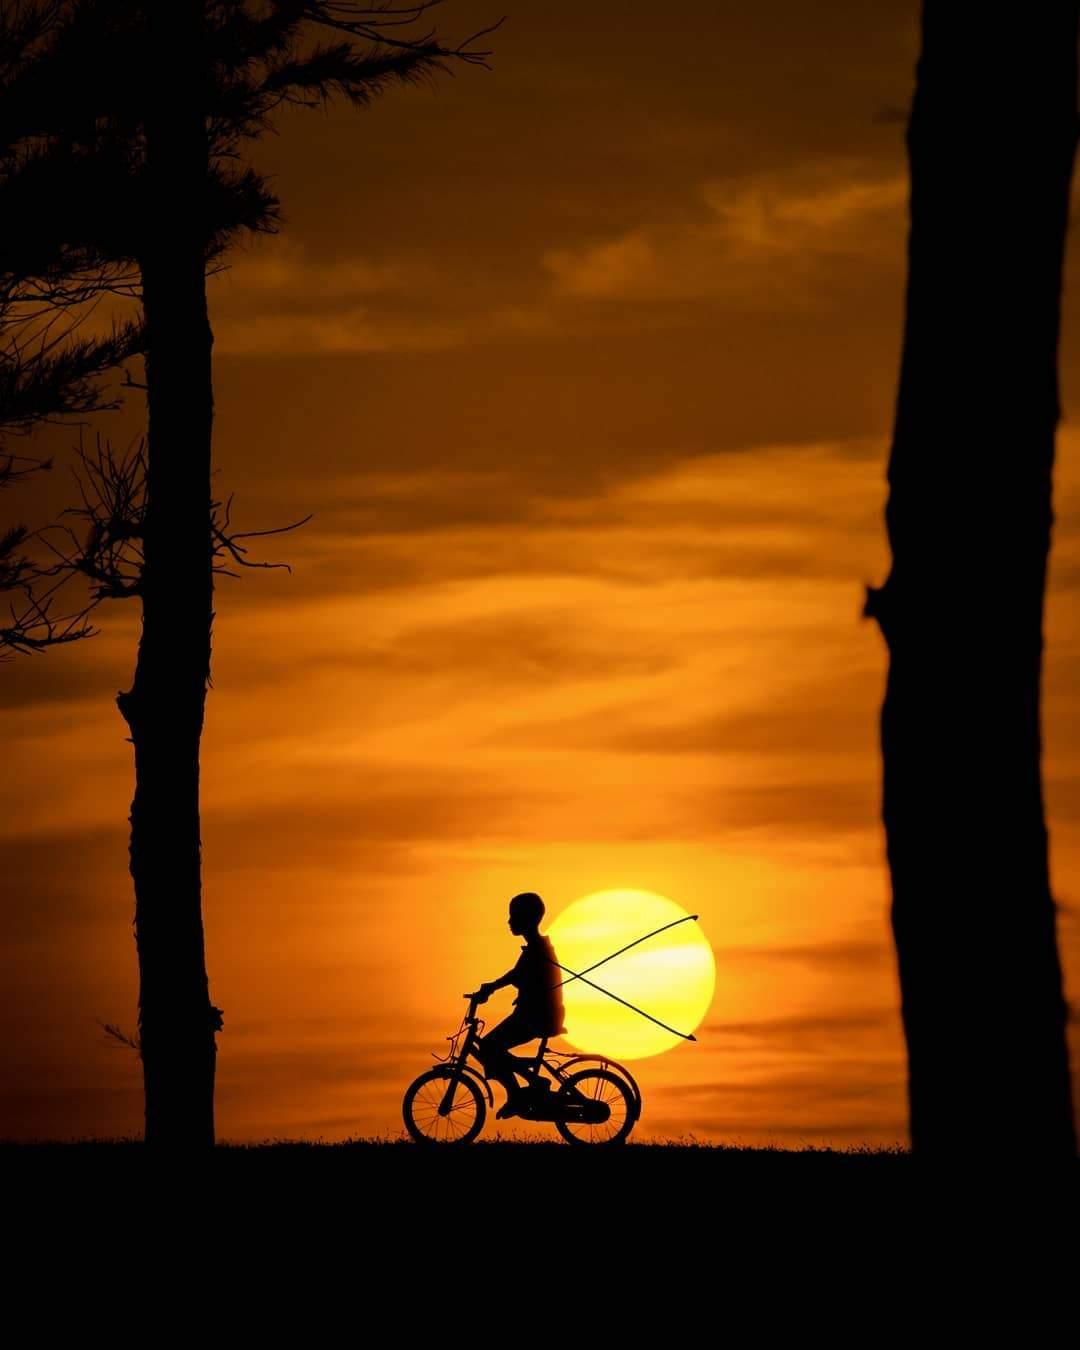 Интересные идеи для фото на закате